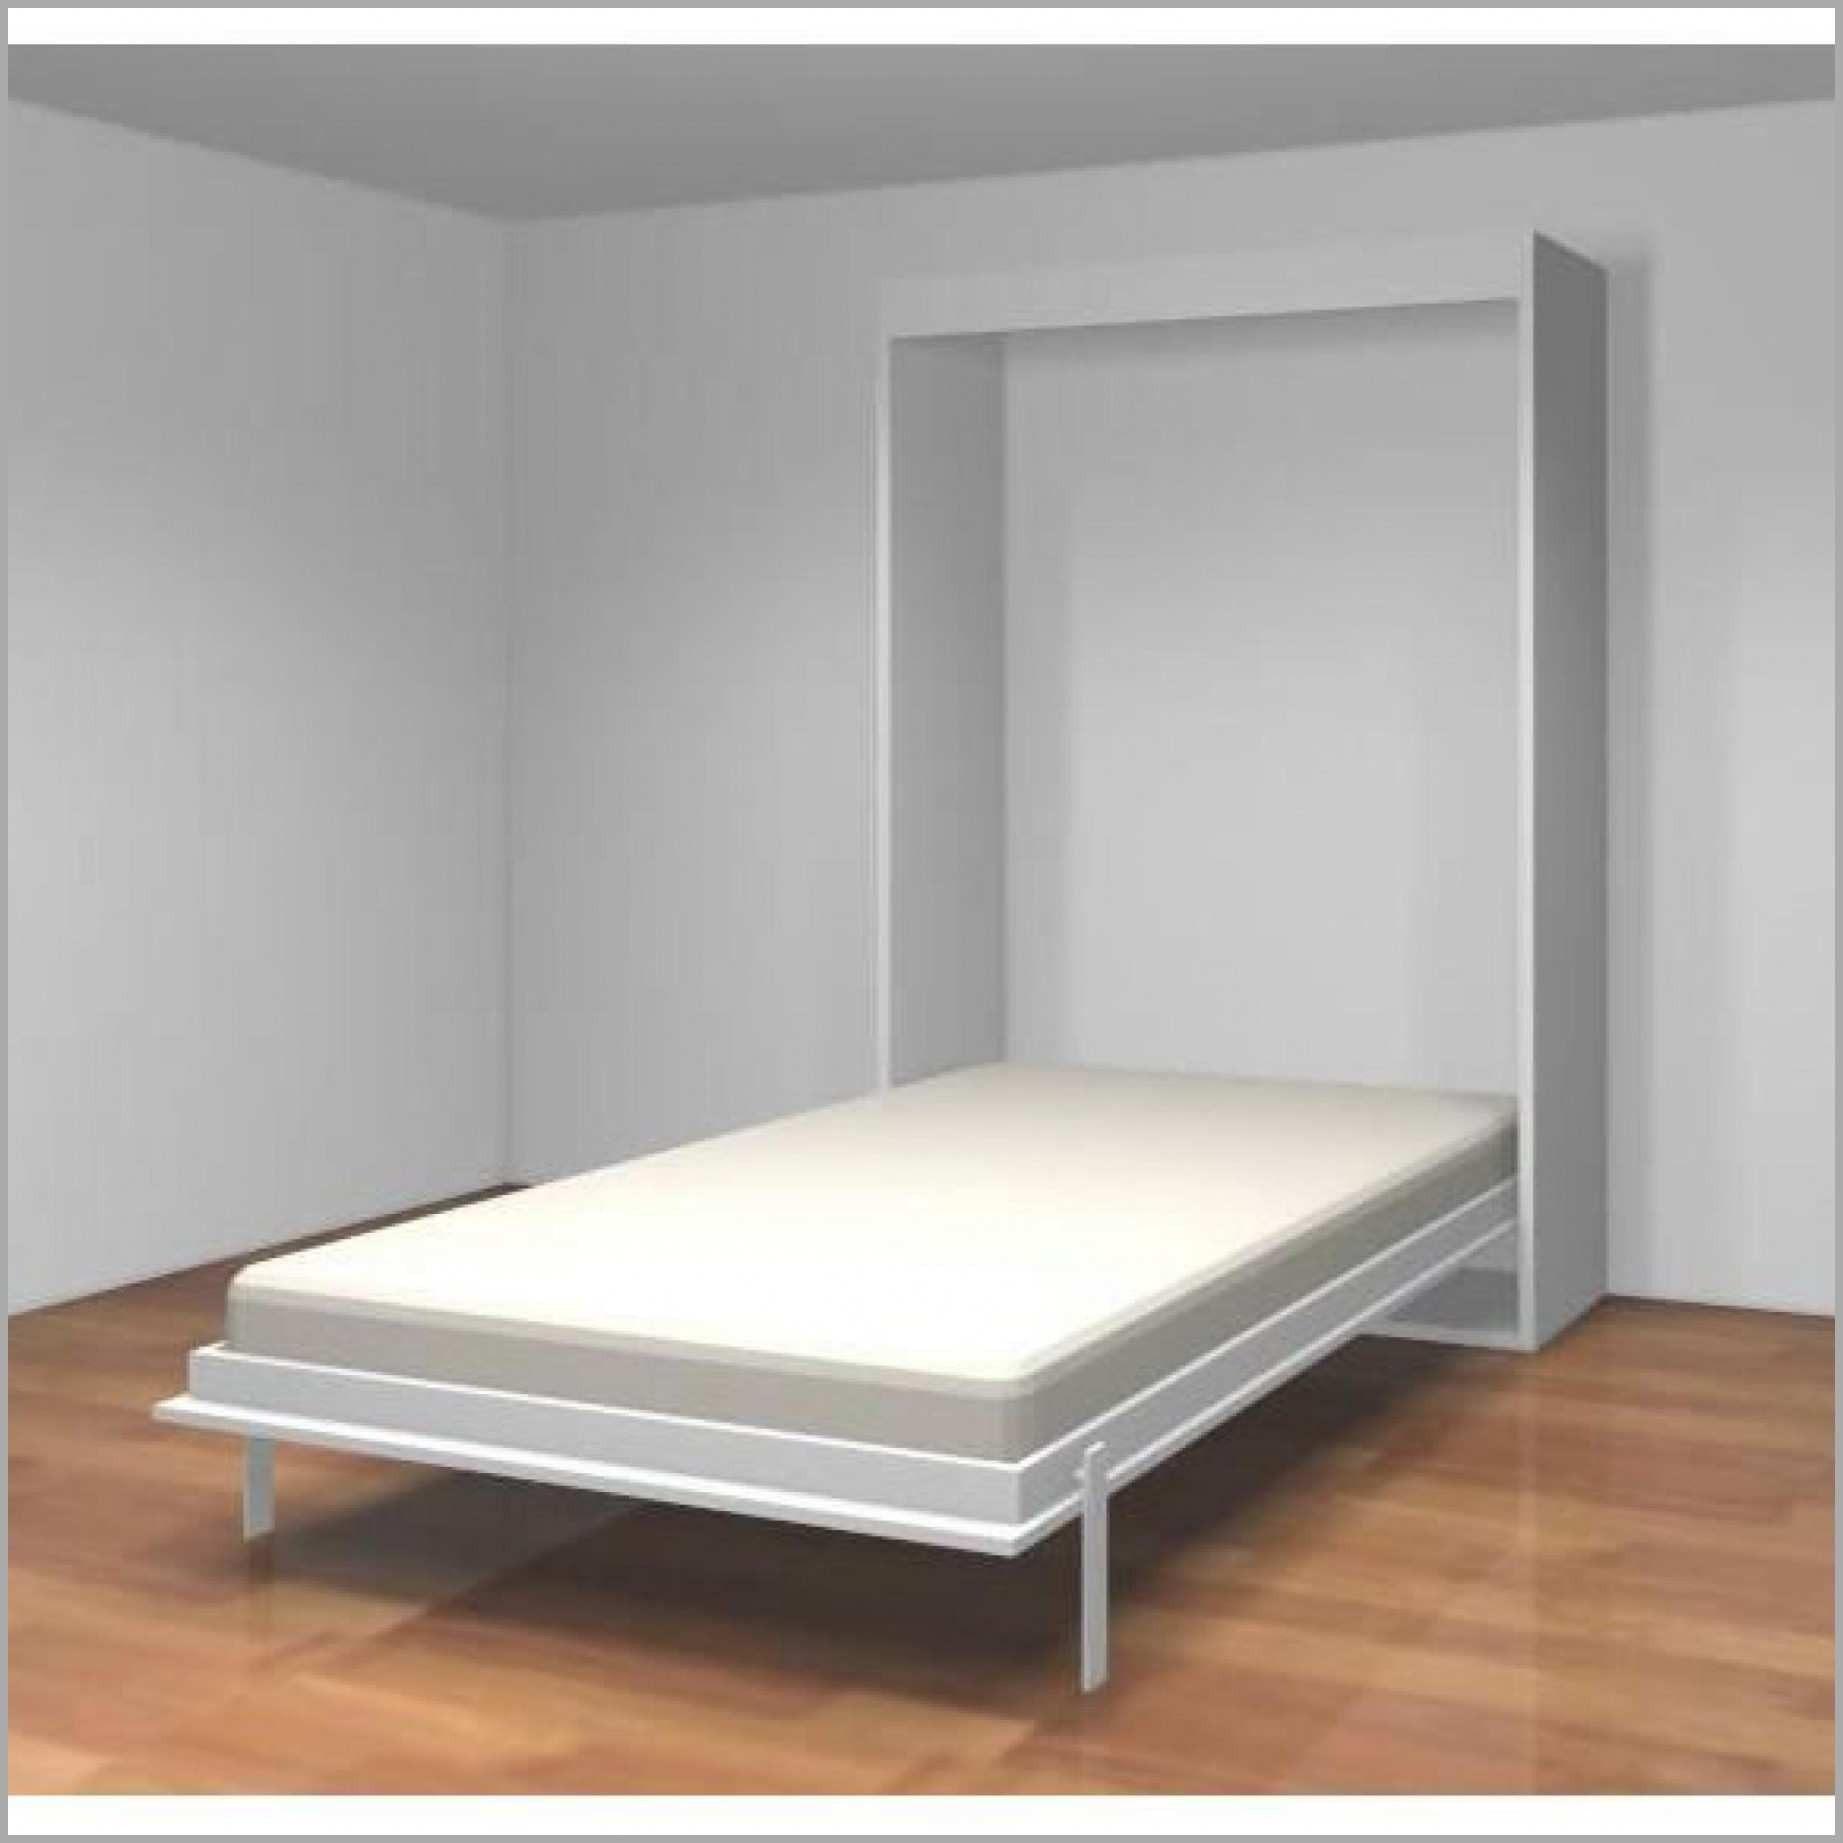 Lit Double Escamotable Ikea Bel Meubles Gain De Place Ikea Gain De Place Studio Lit Ado 39 Gain De